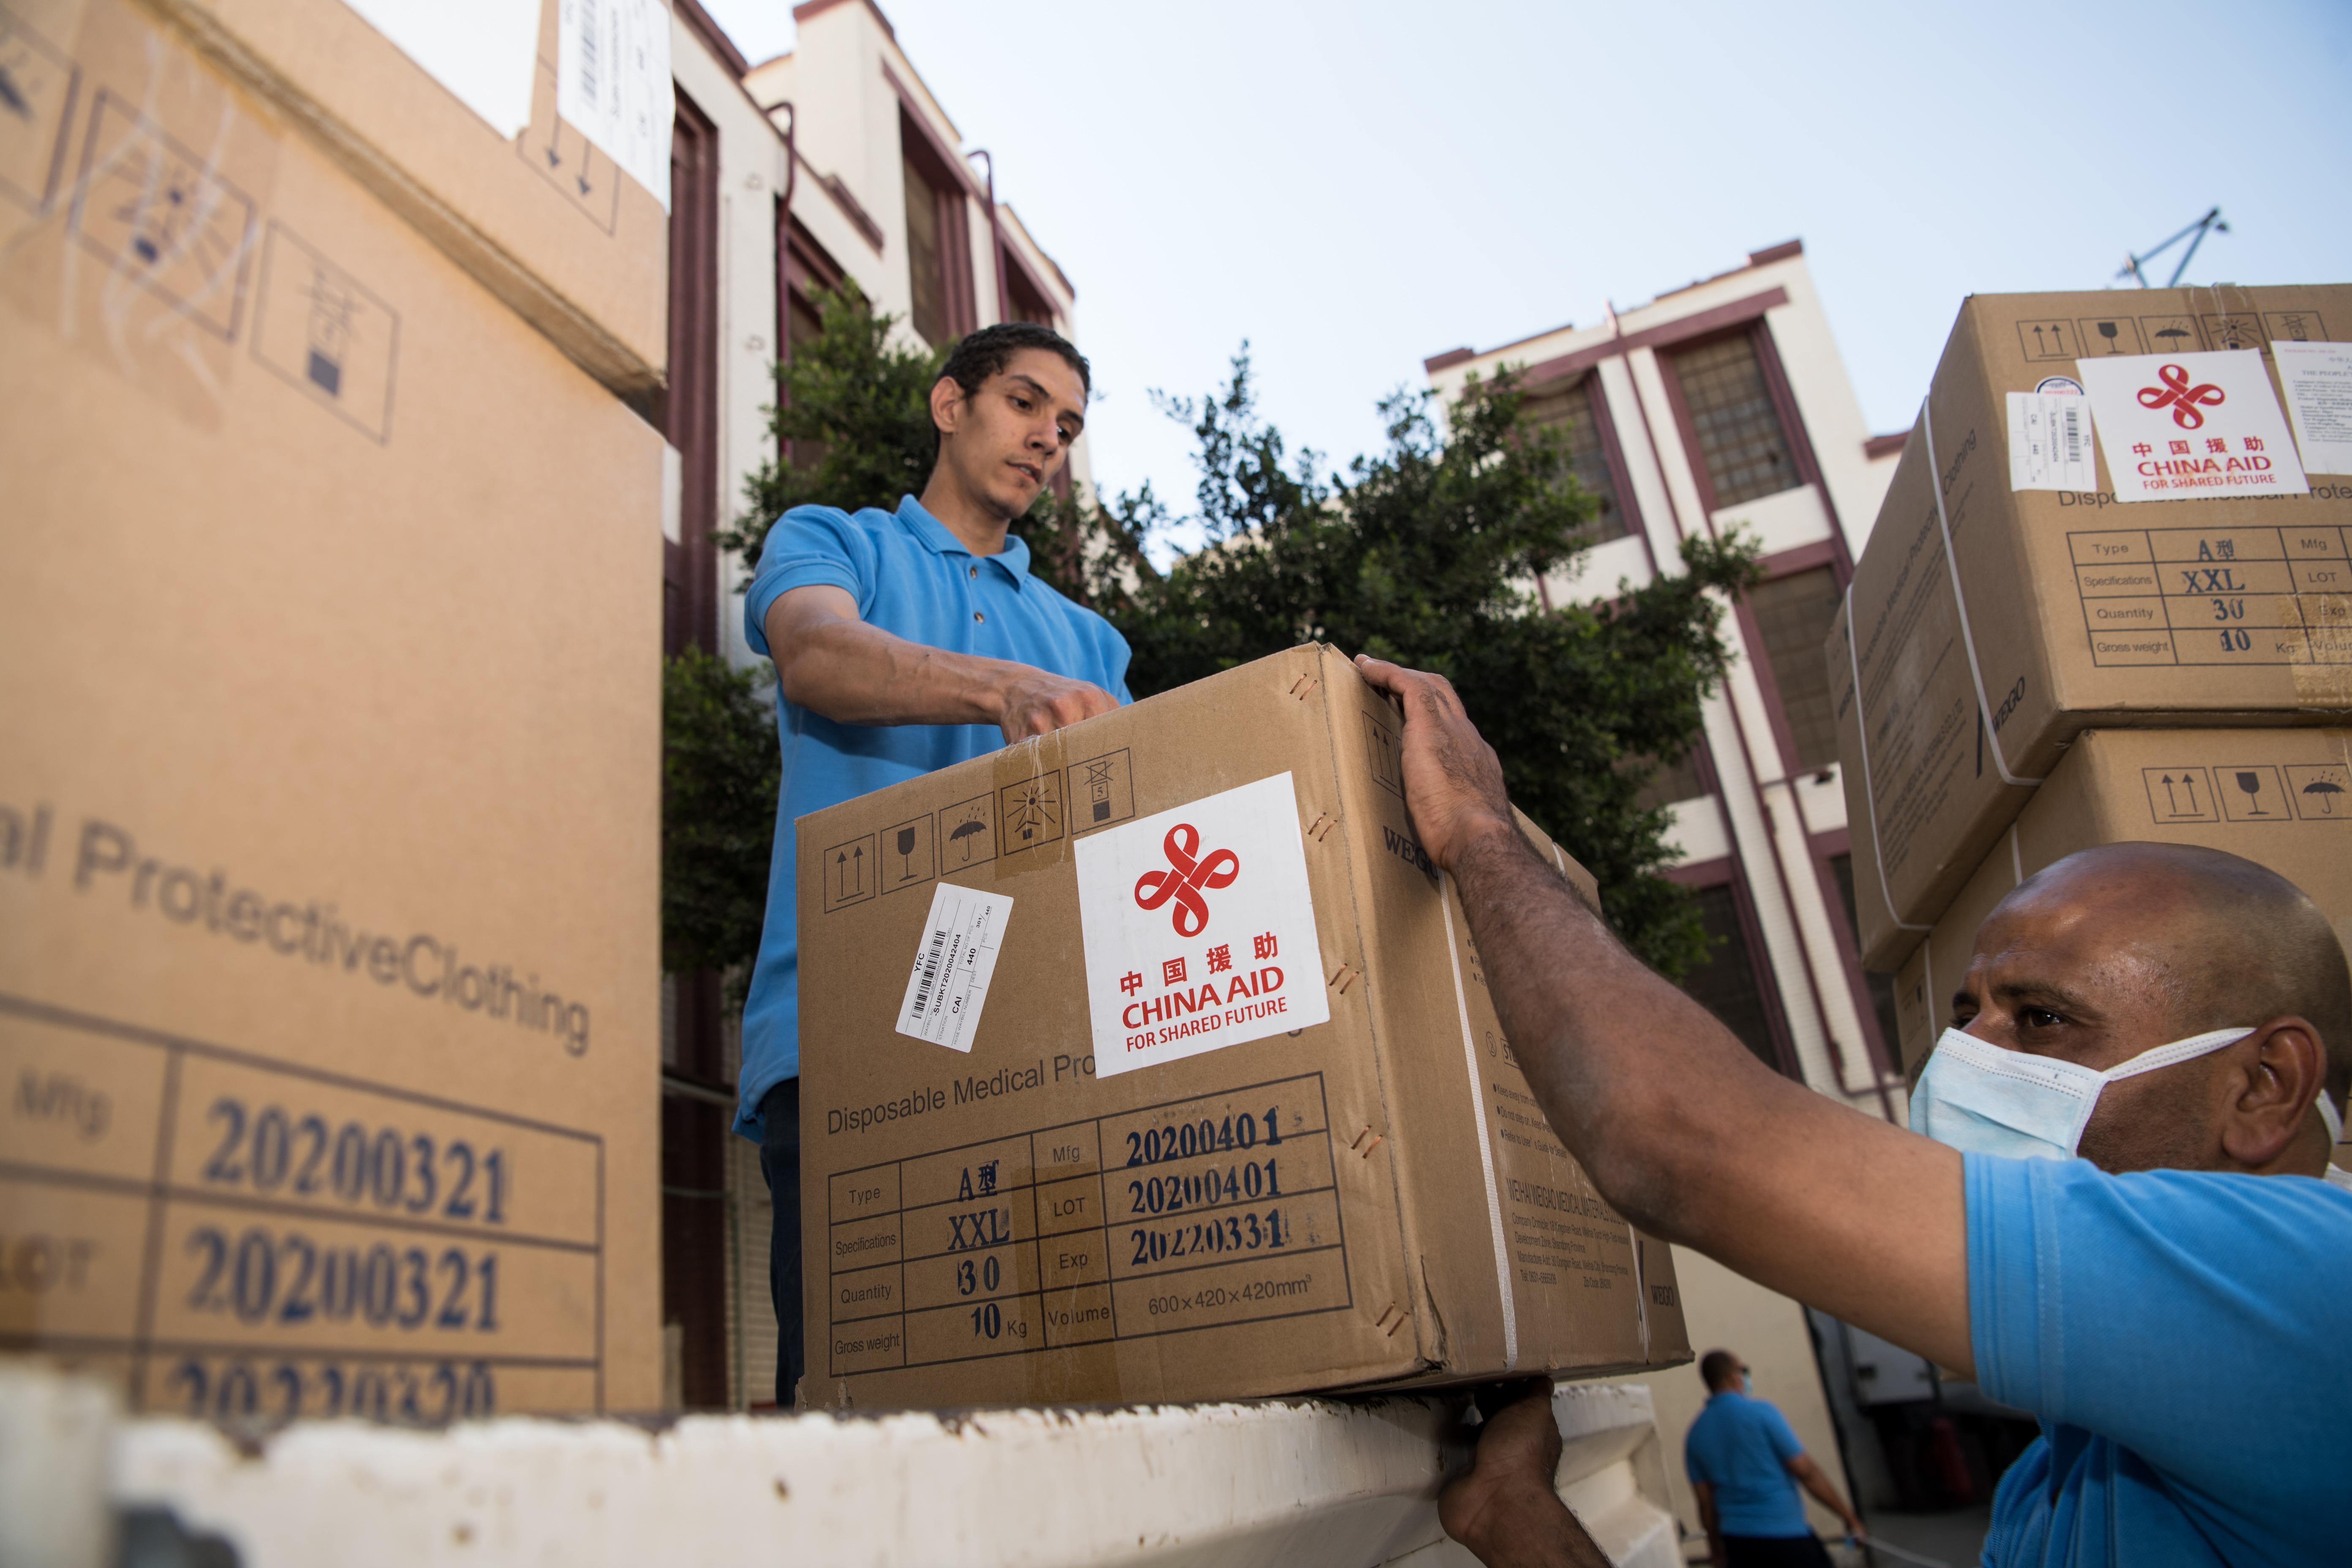 新华社照片,开罗,2020年5月10日 5月10日,在埃及首都开罗,工作人员搬运中国政府援助的抗疫物资。 新华社记者邬惠我摄